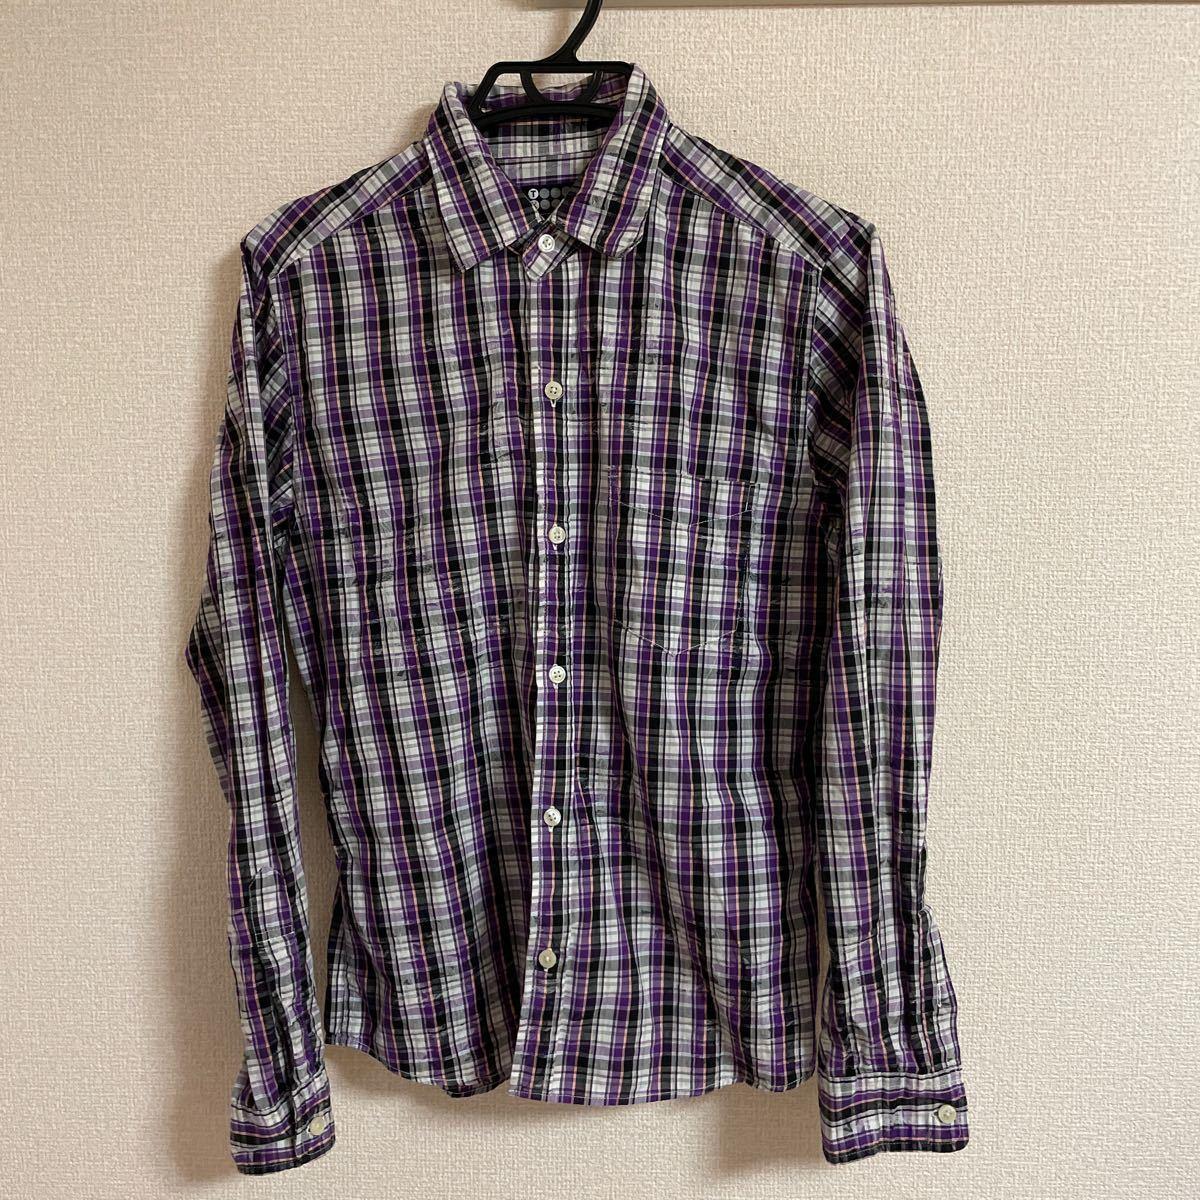 長袖シャツ チェックシャツ チェック柄 ボタンダウンシャツ TK タケオキクチ M 希少デザイン